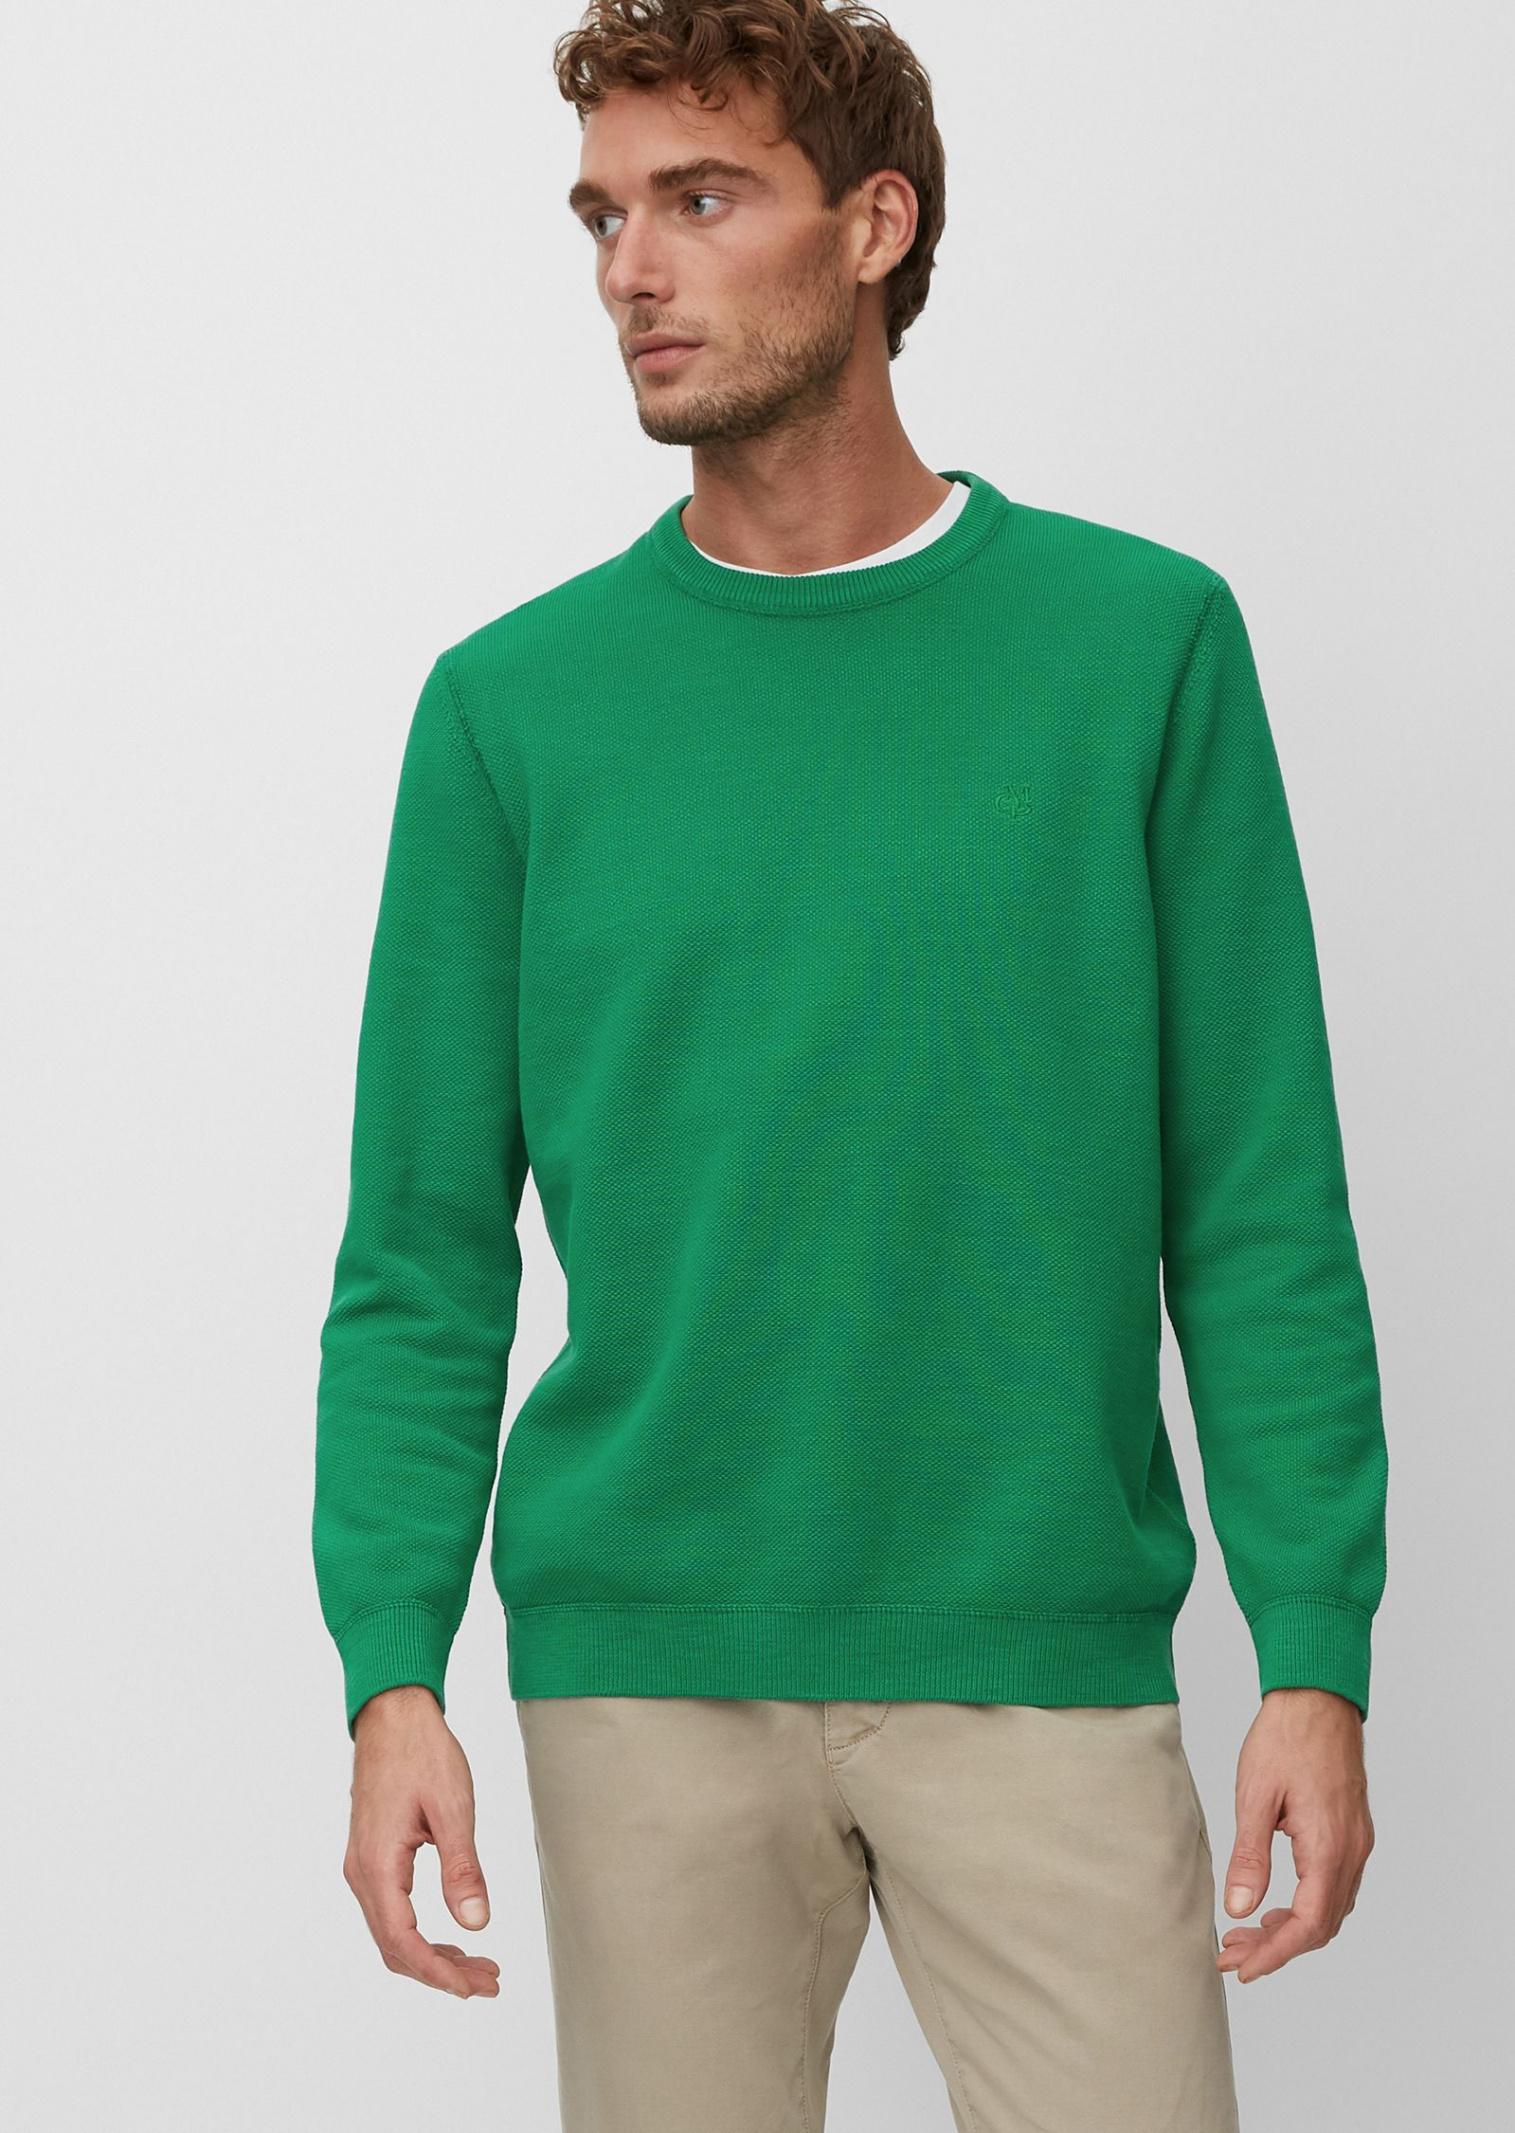 MARC O'POLO Кофти та светри чоловічі модель 021500460134-456 придбати, 2017